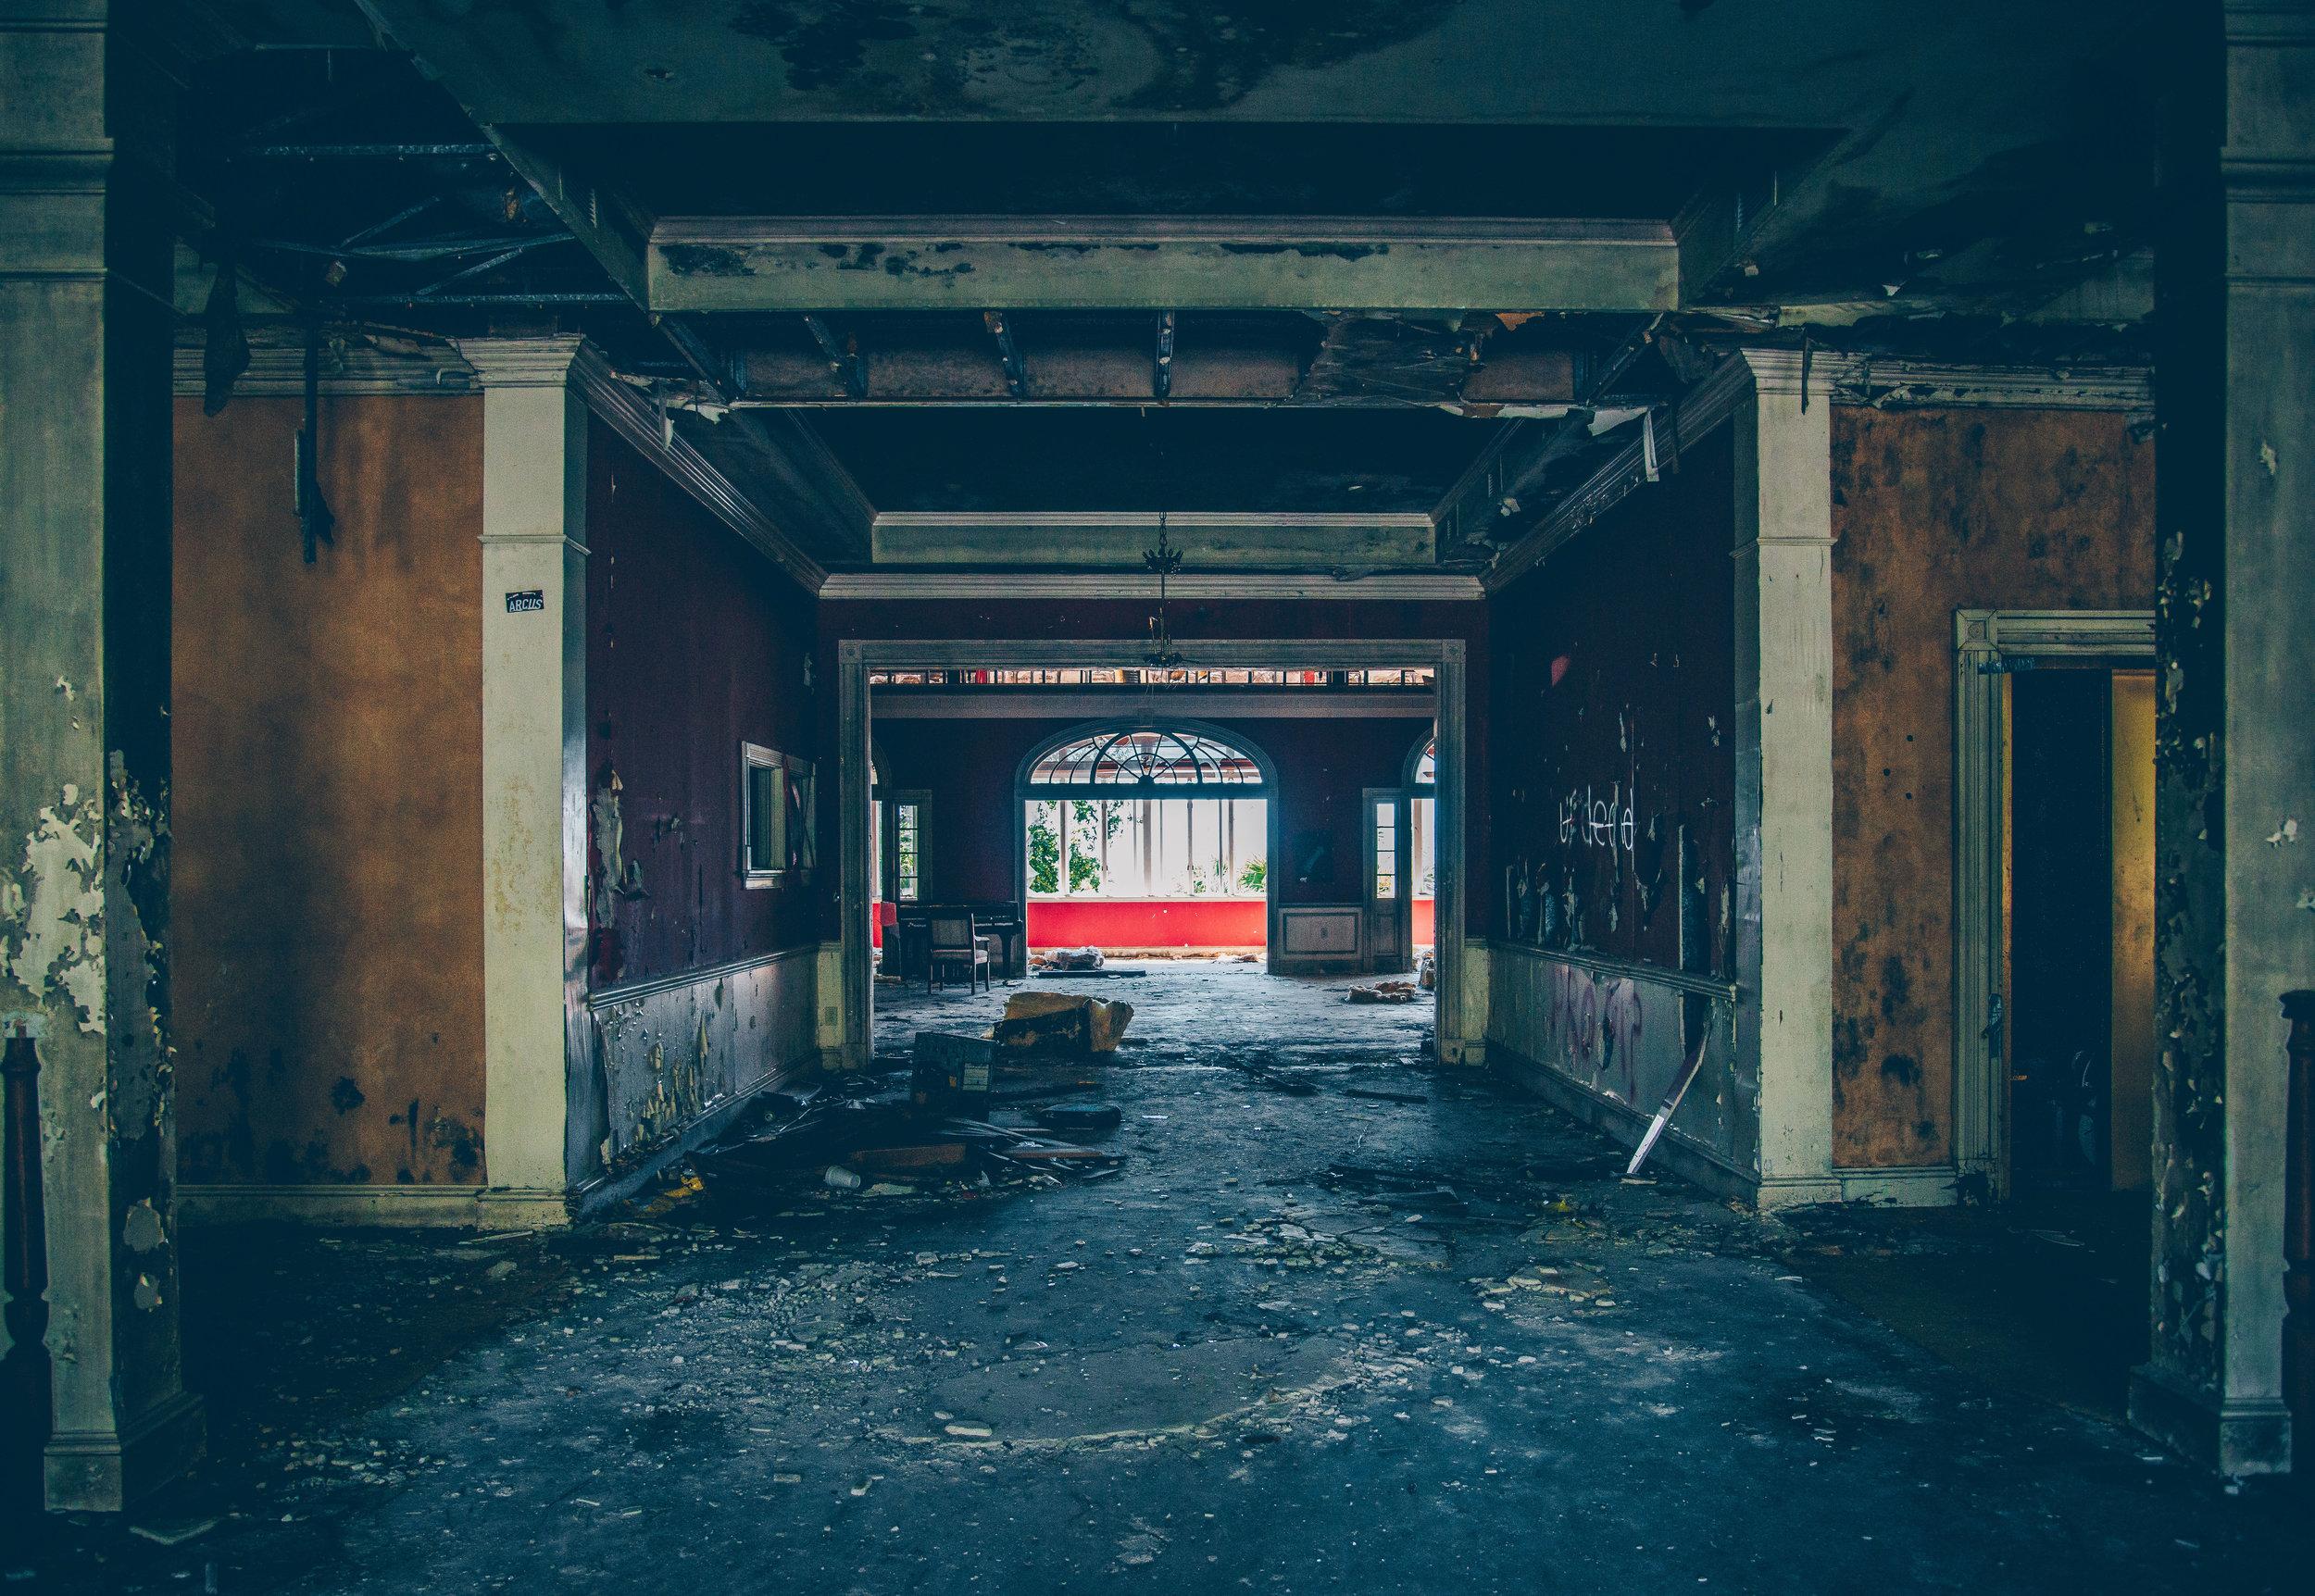 kw-abandoned-hotel-sc-img16.jpg